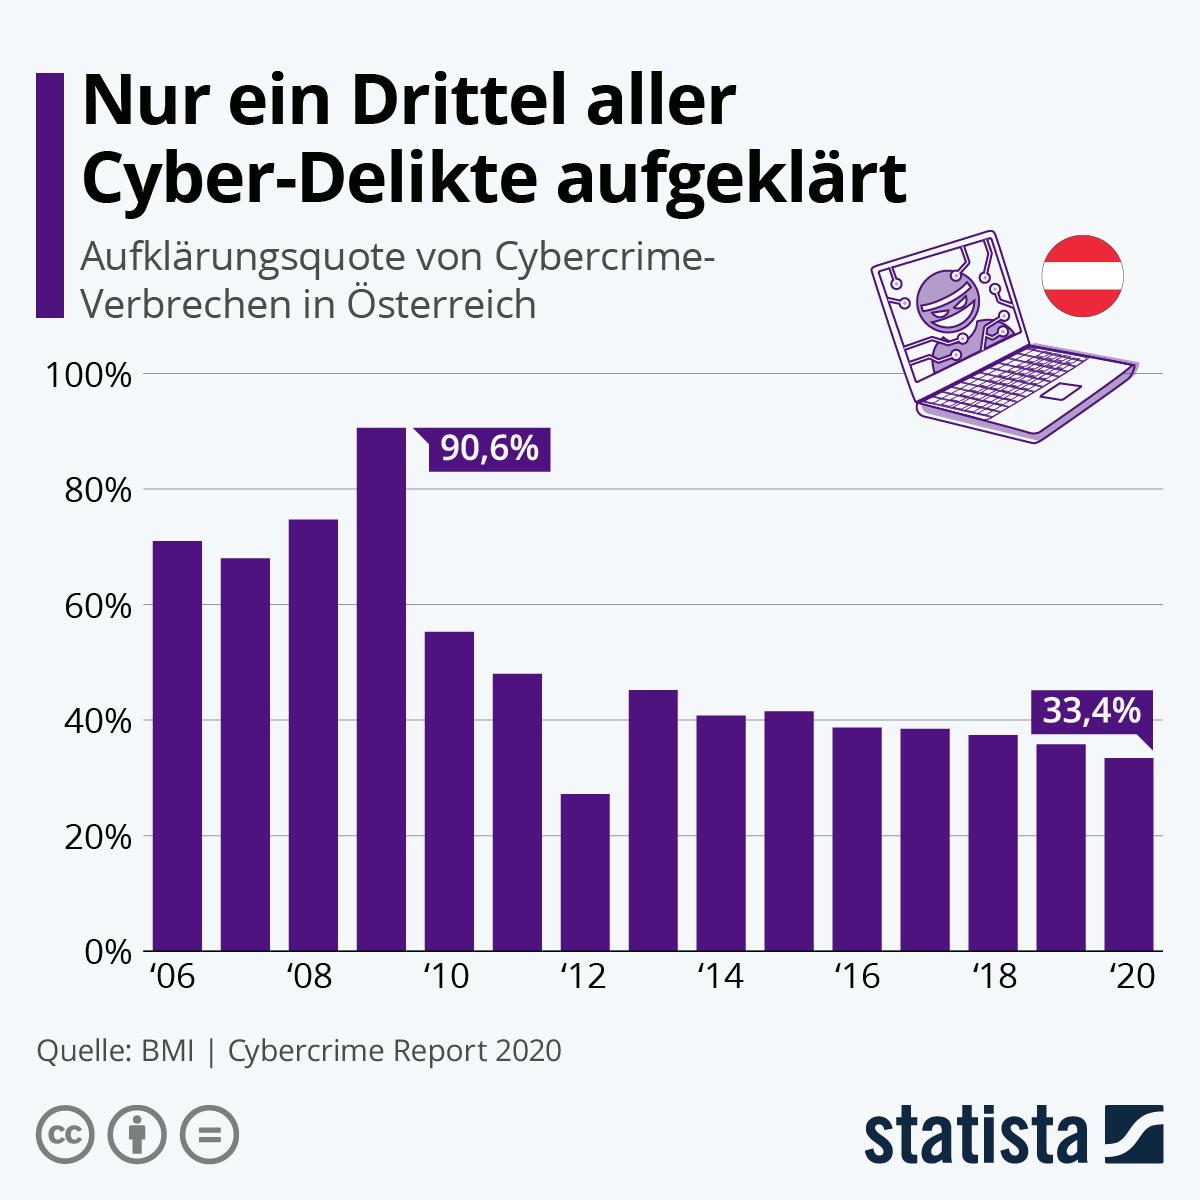 Infografik: Nur ein Drittel aller Cyber-Delikte aufgeklärt | Statista